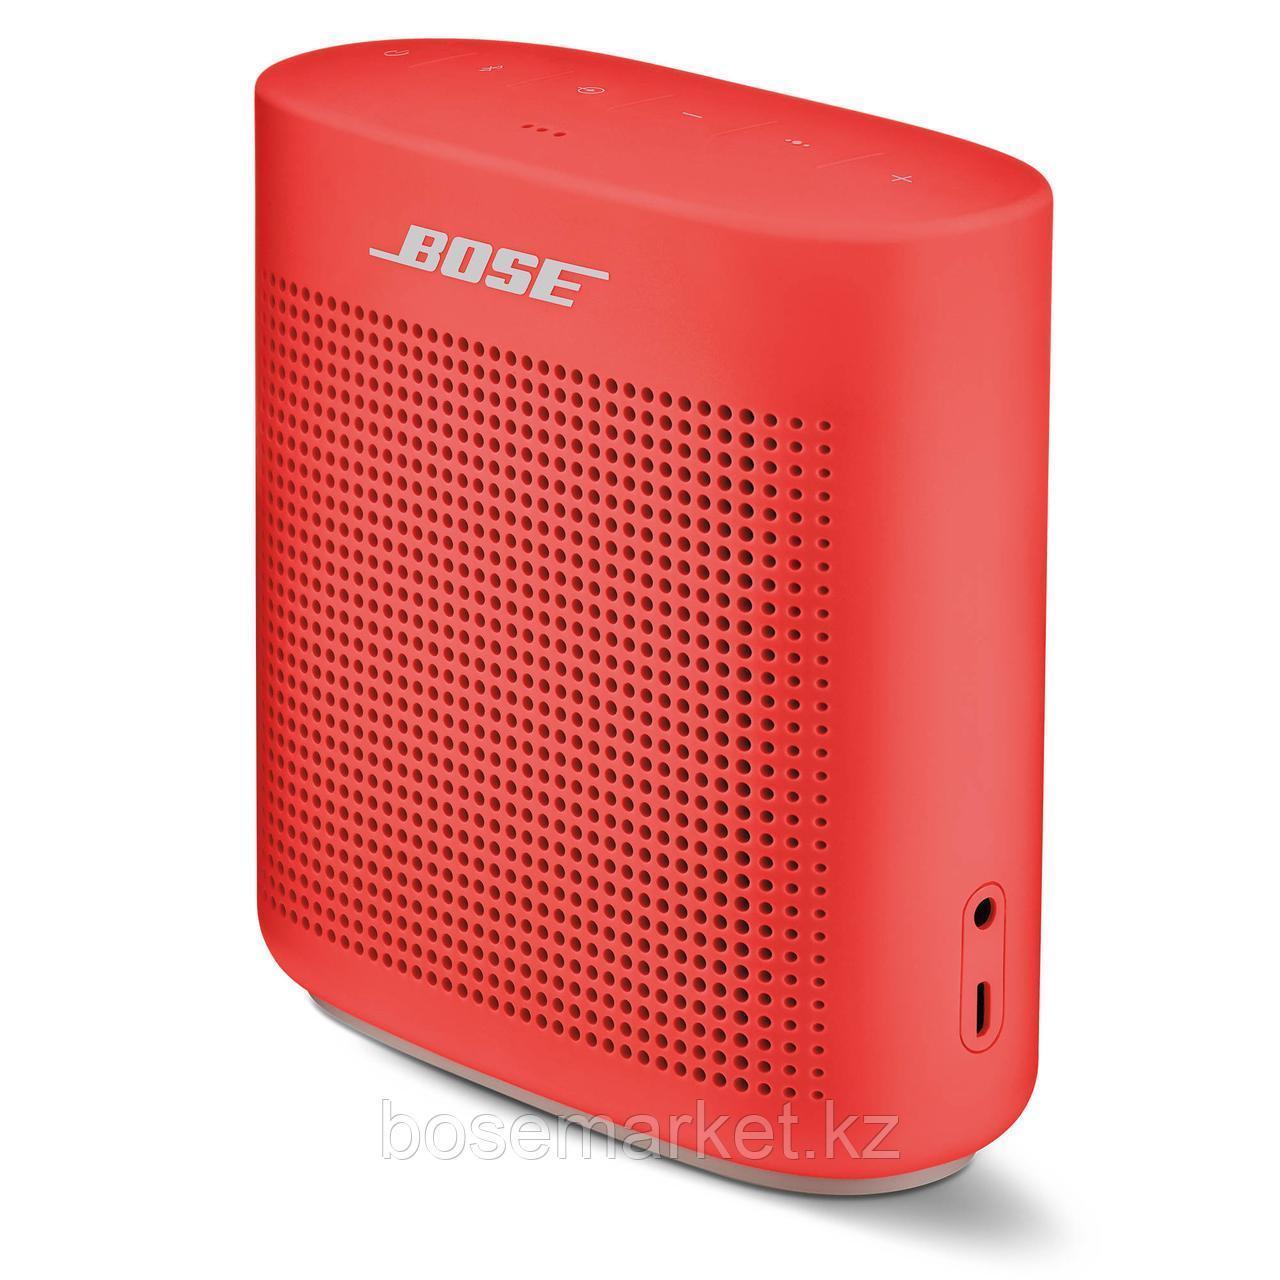 Портативная колонка Bose SoundLink Color II - фото 4